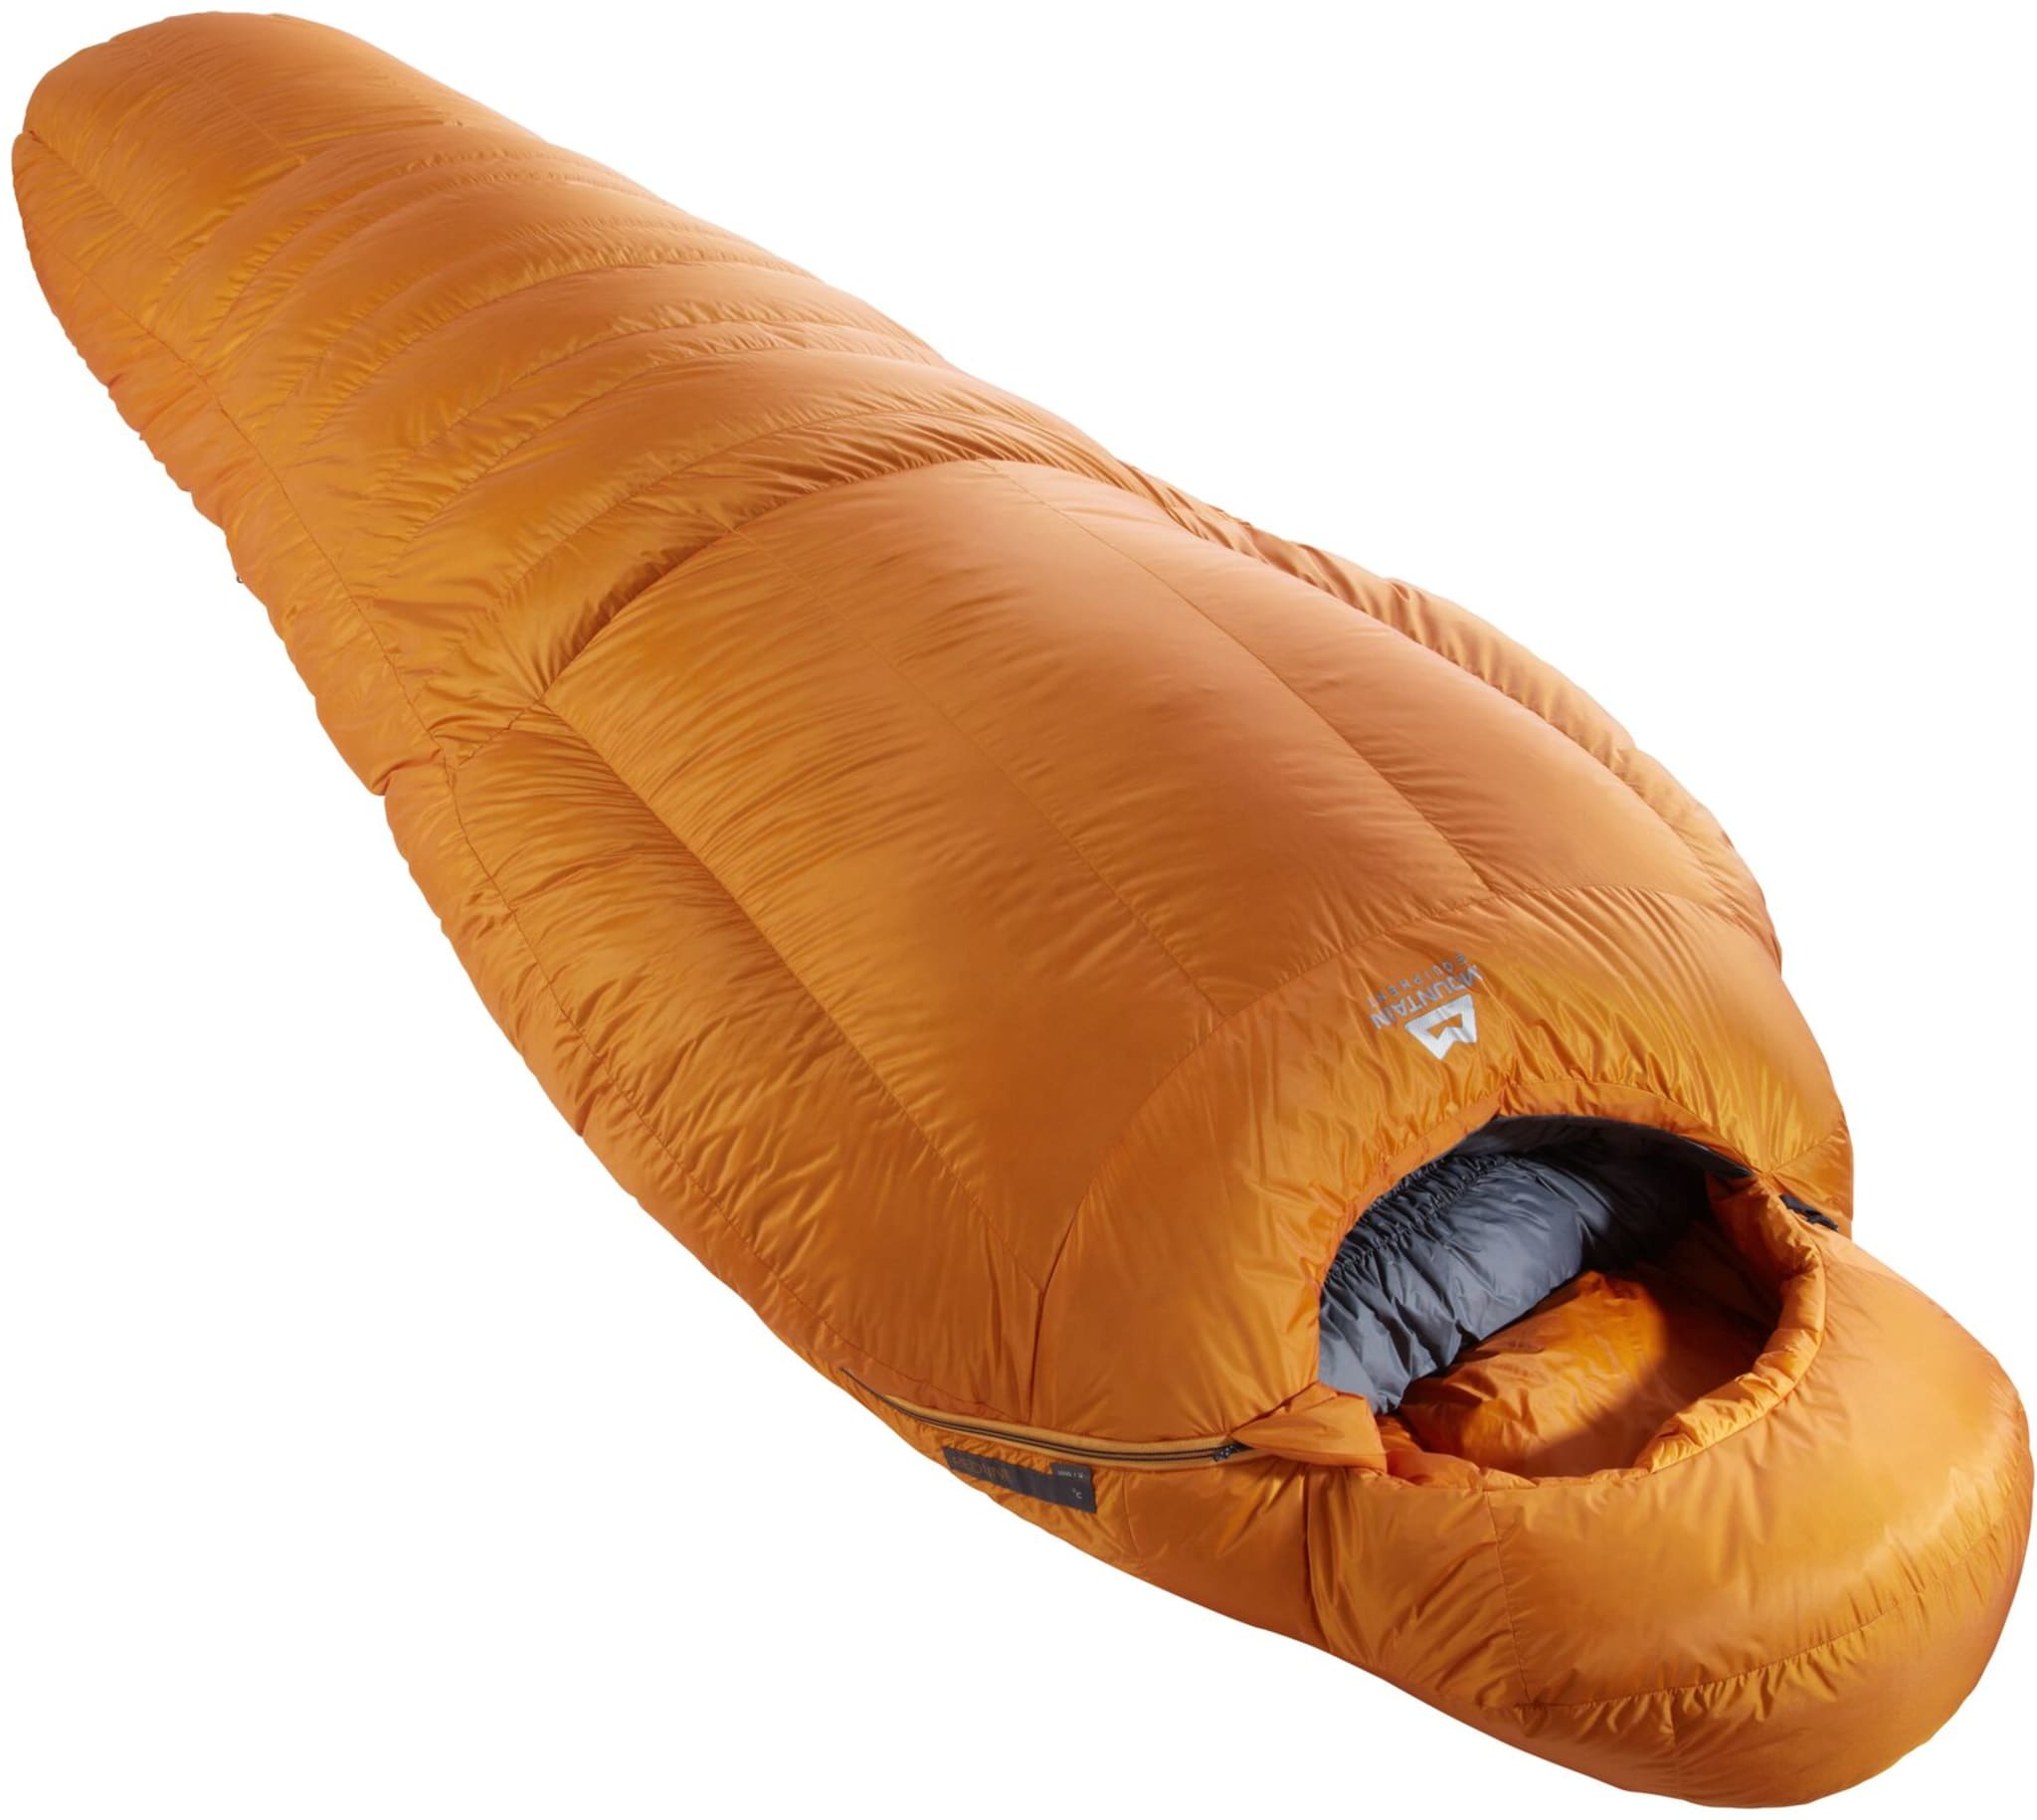 Den desidert råeste og varmeste vintersoveposen til ME